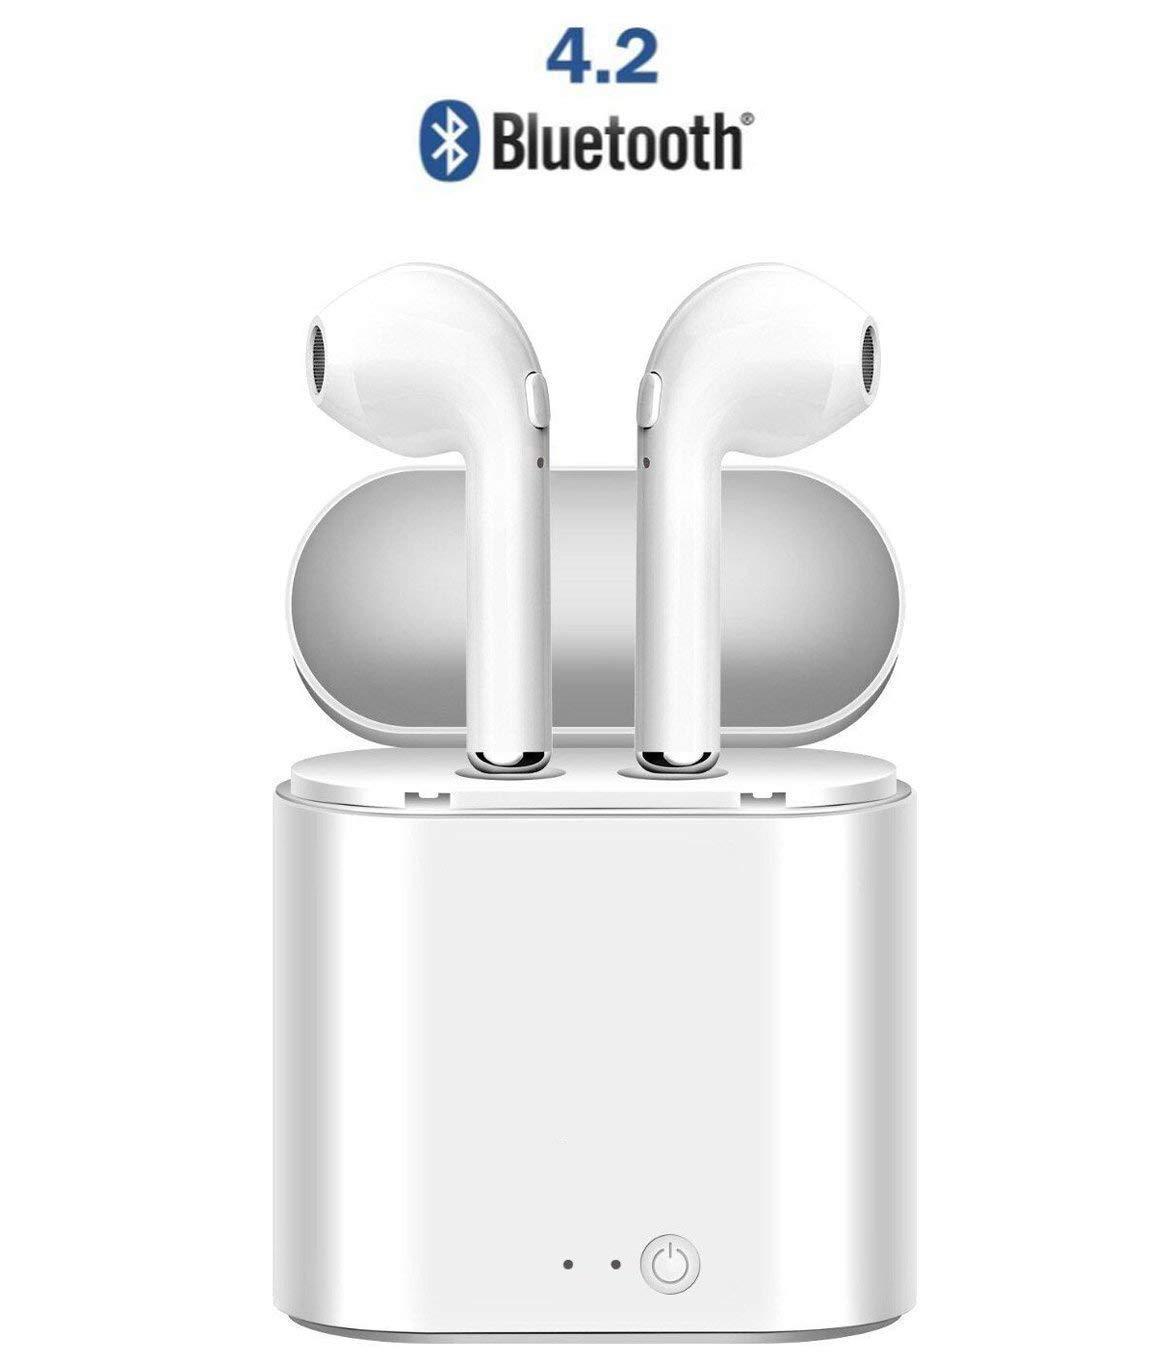 Auriculares inalá mbricos Bluetooth, auriculares inalá mbricos Auriculares deportivos Bluetooth con caja de carga, auriculares inalá mbricos en la oreja para iPhone de Apple y telé fonos Samsung y Android Uzoll